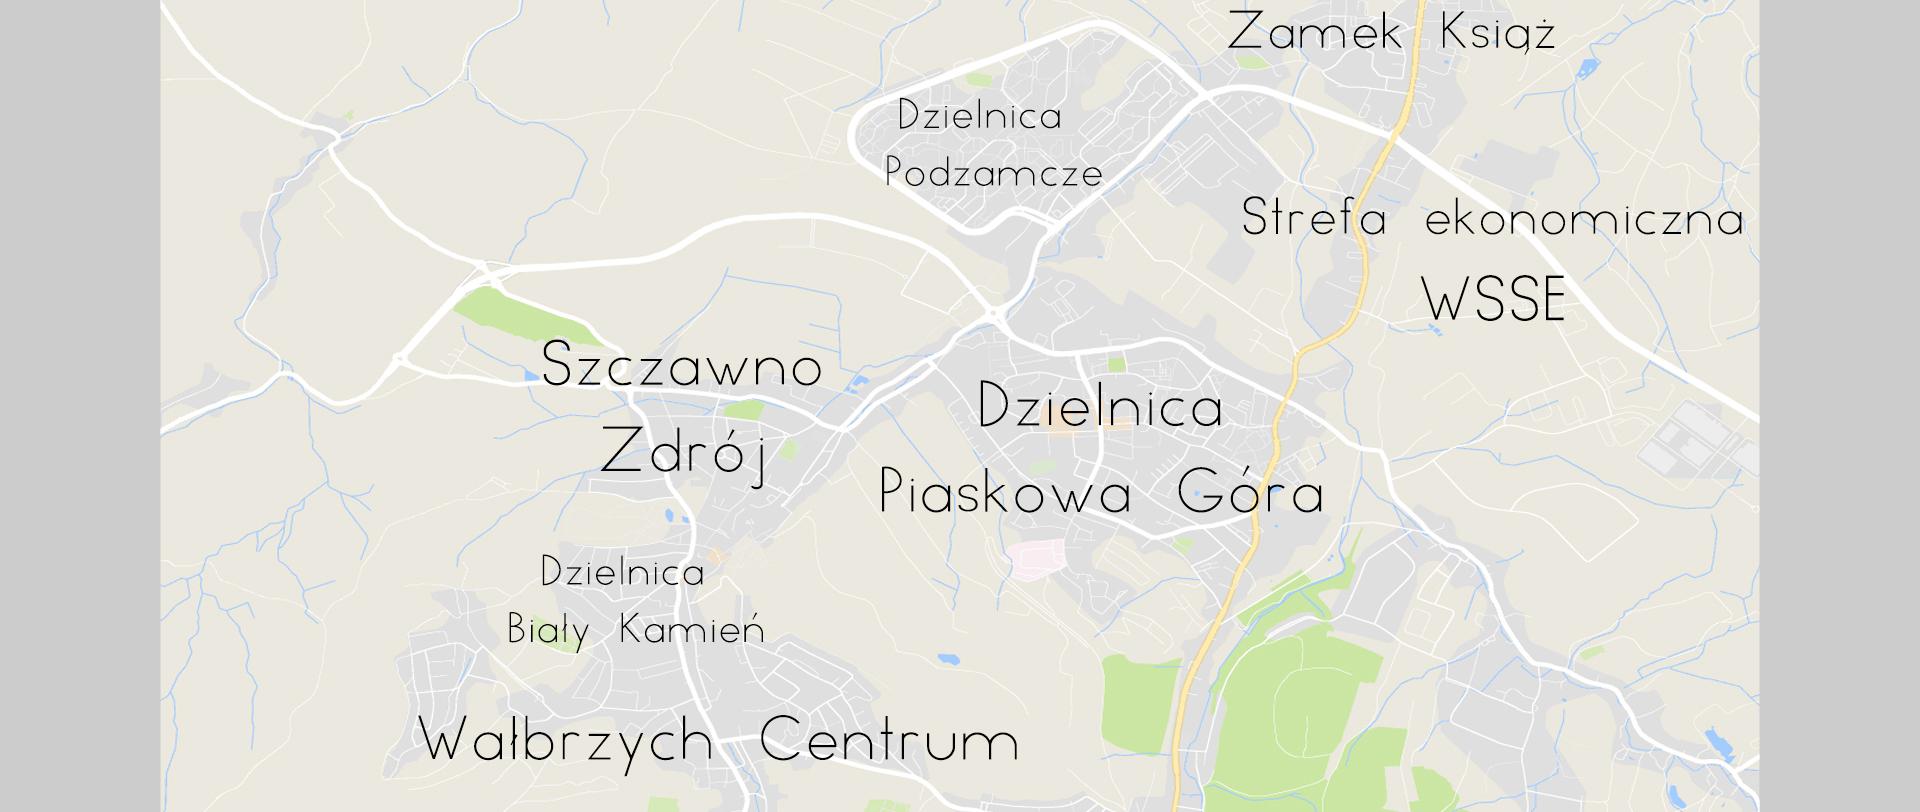 Dzielnice Wałbrzycha na planie